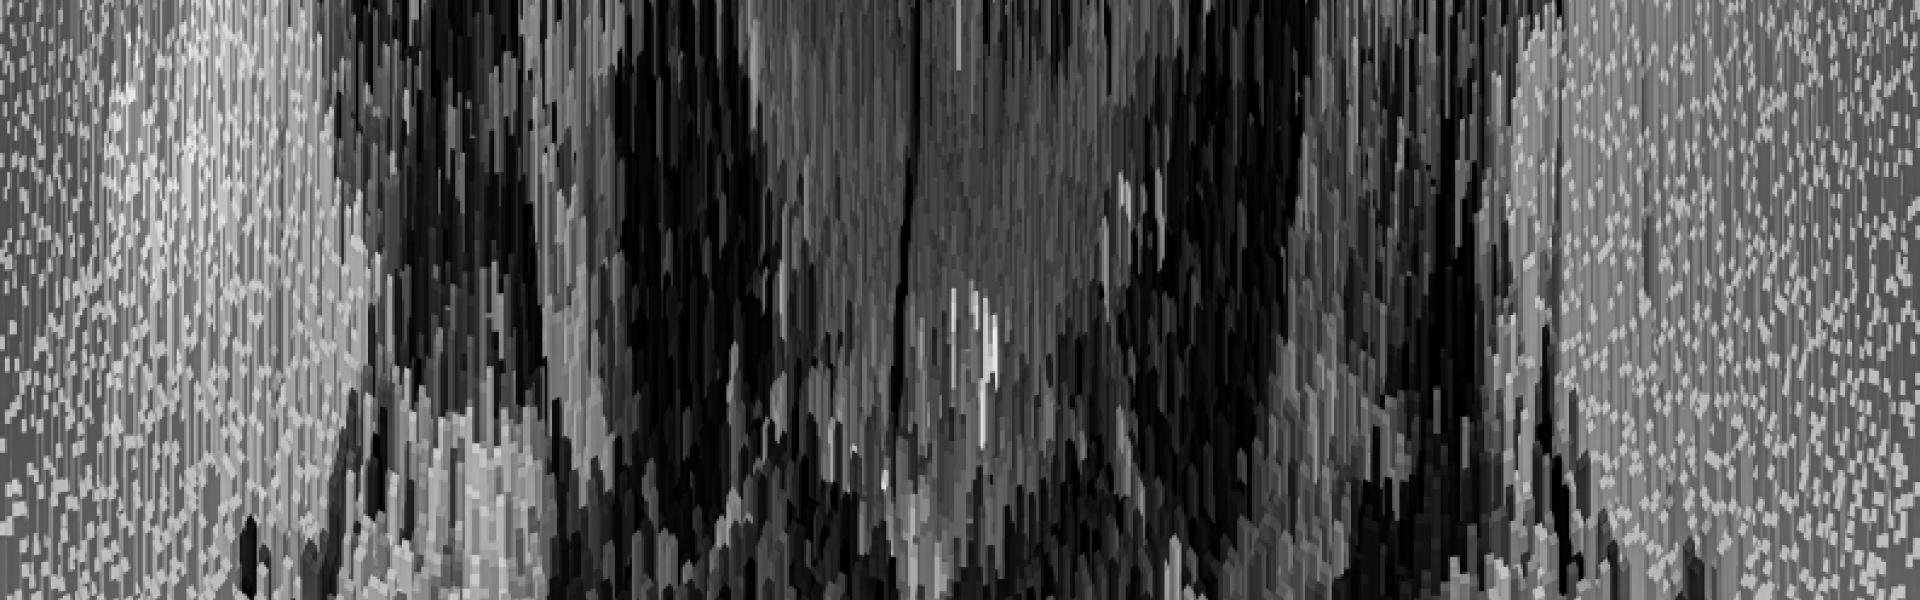 banner_Squareface.20210519155351.jpg